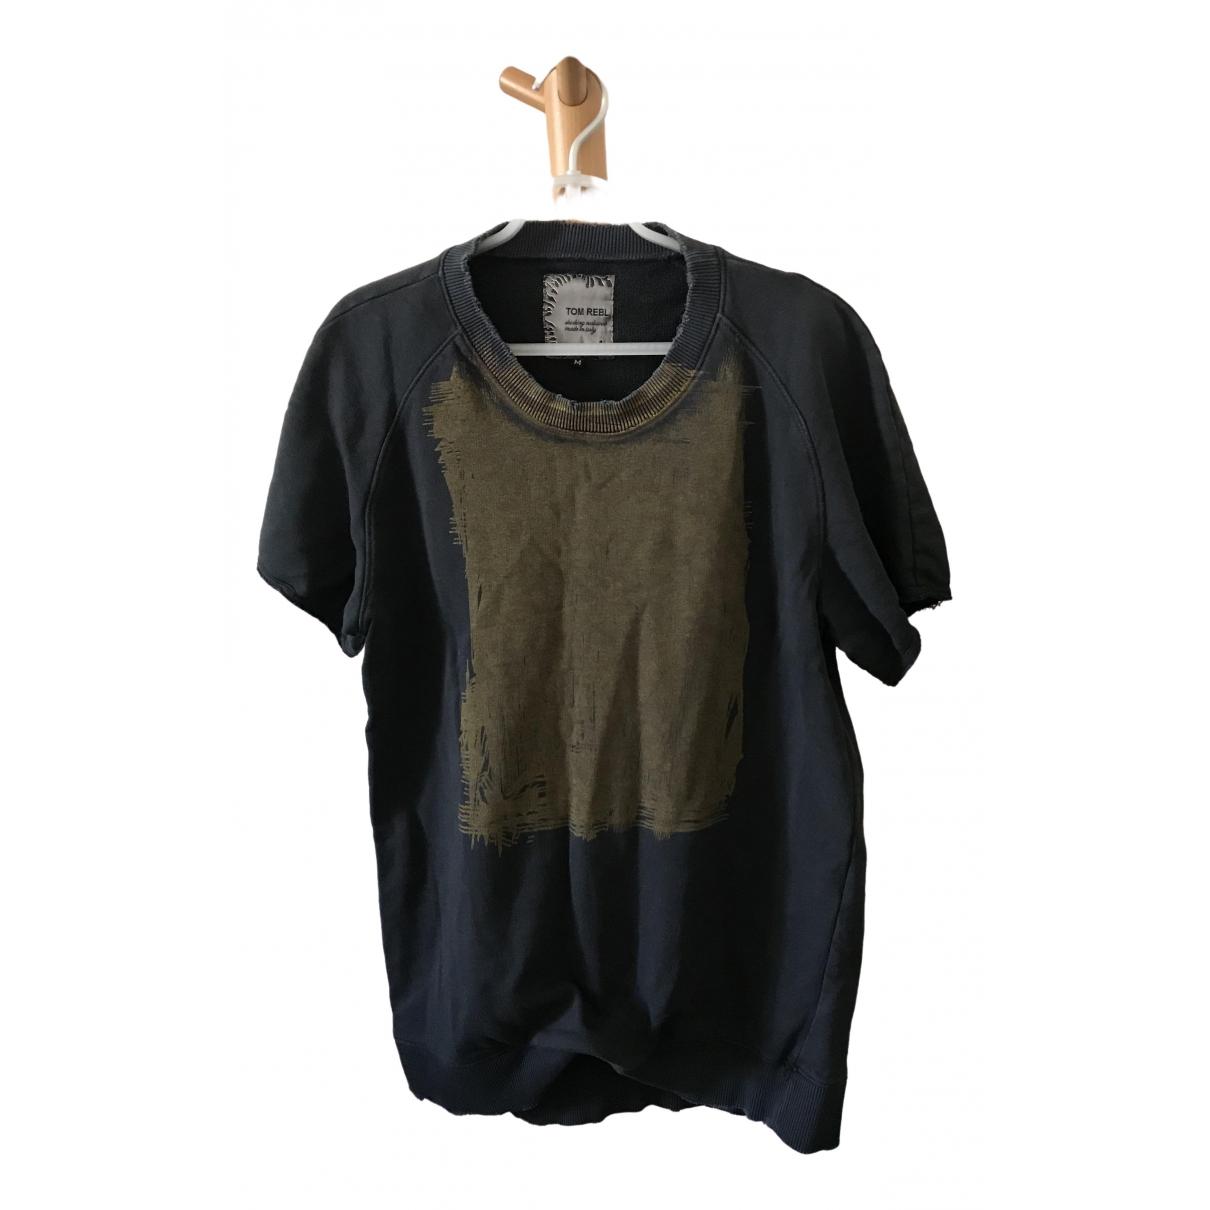 Tom Rebl - Tee shirts   pour homme en coton - noir